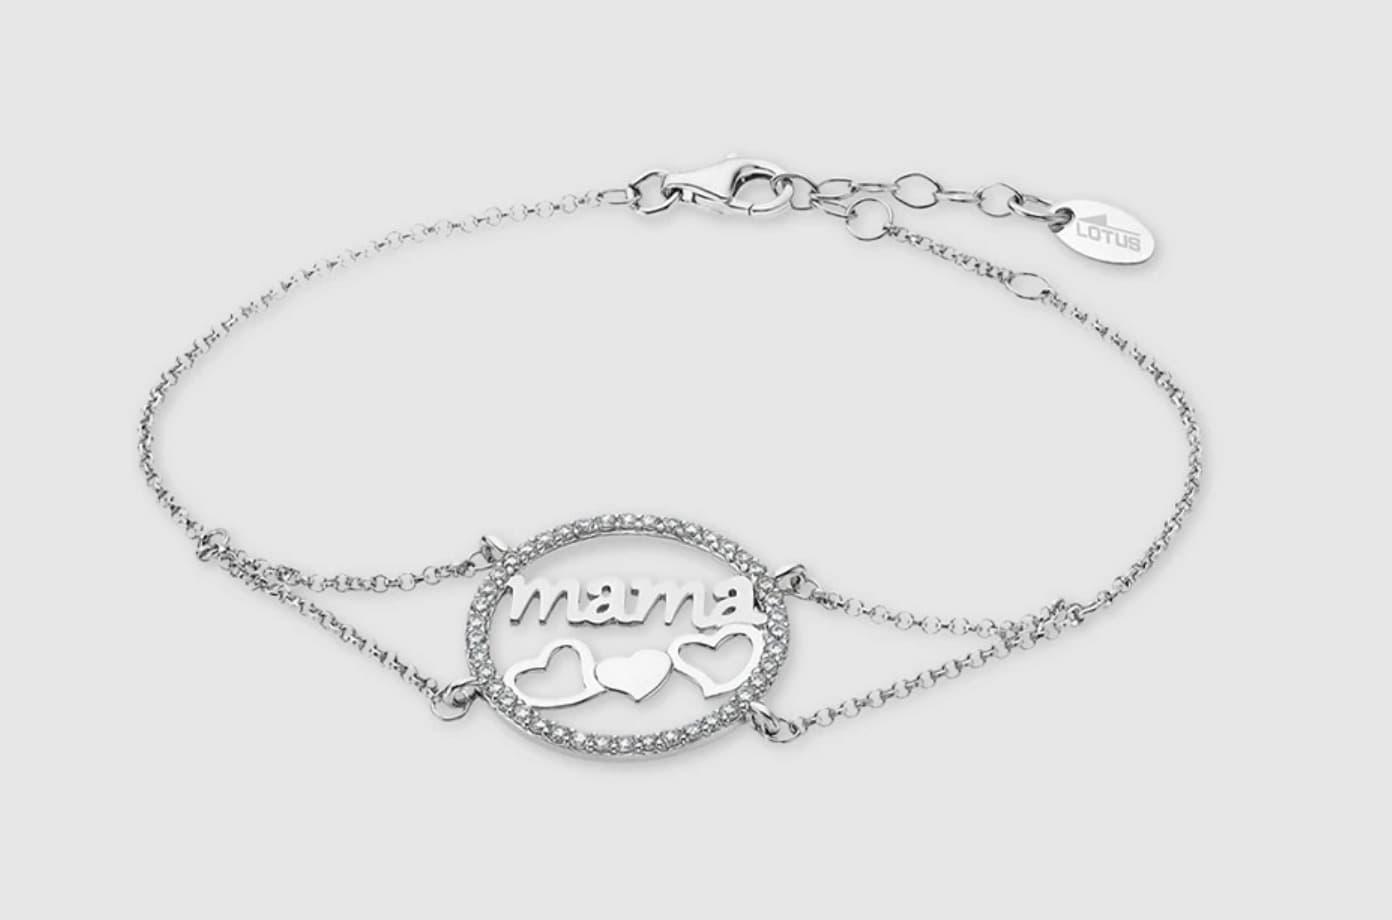 Pulsera Mamá con cadena en plata de ley 925 milésimas corazones con circonitas